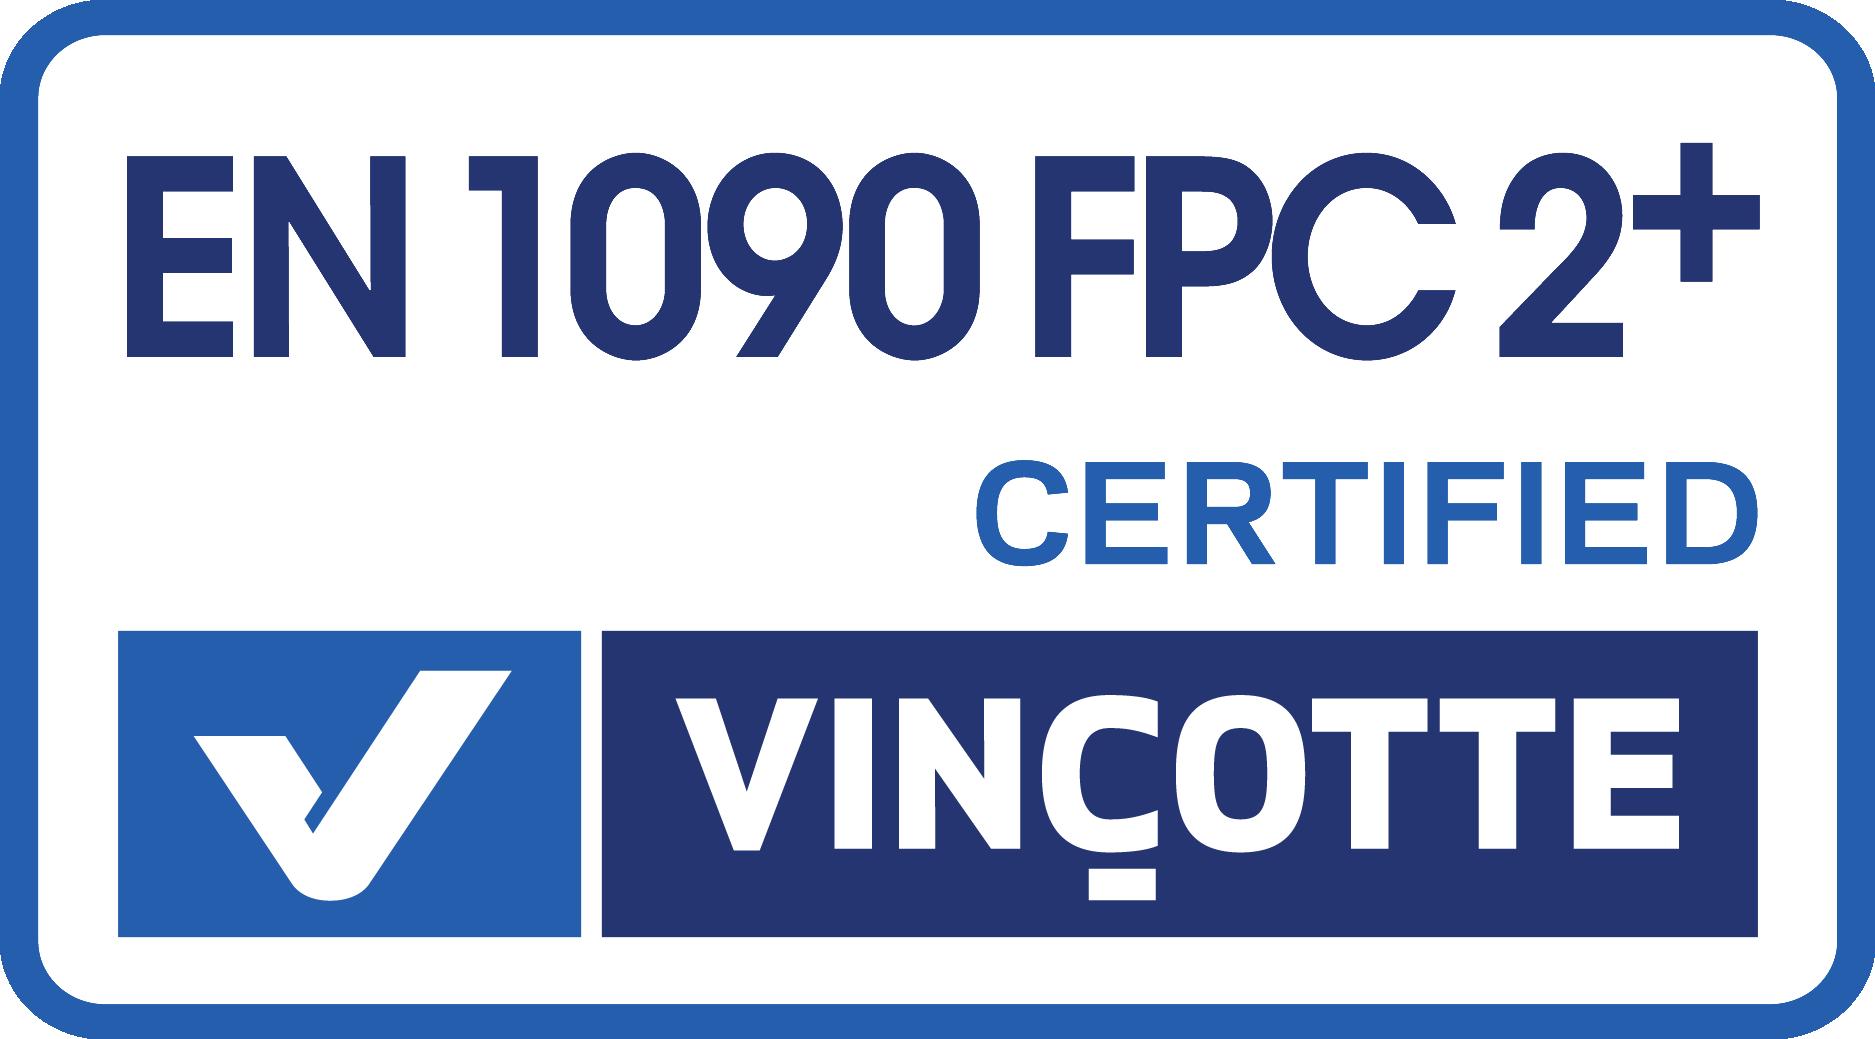 Certificaat EN 1090 FPC 2+